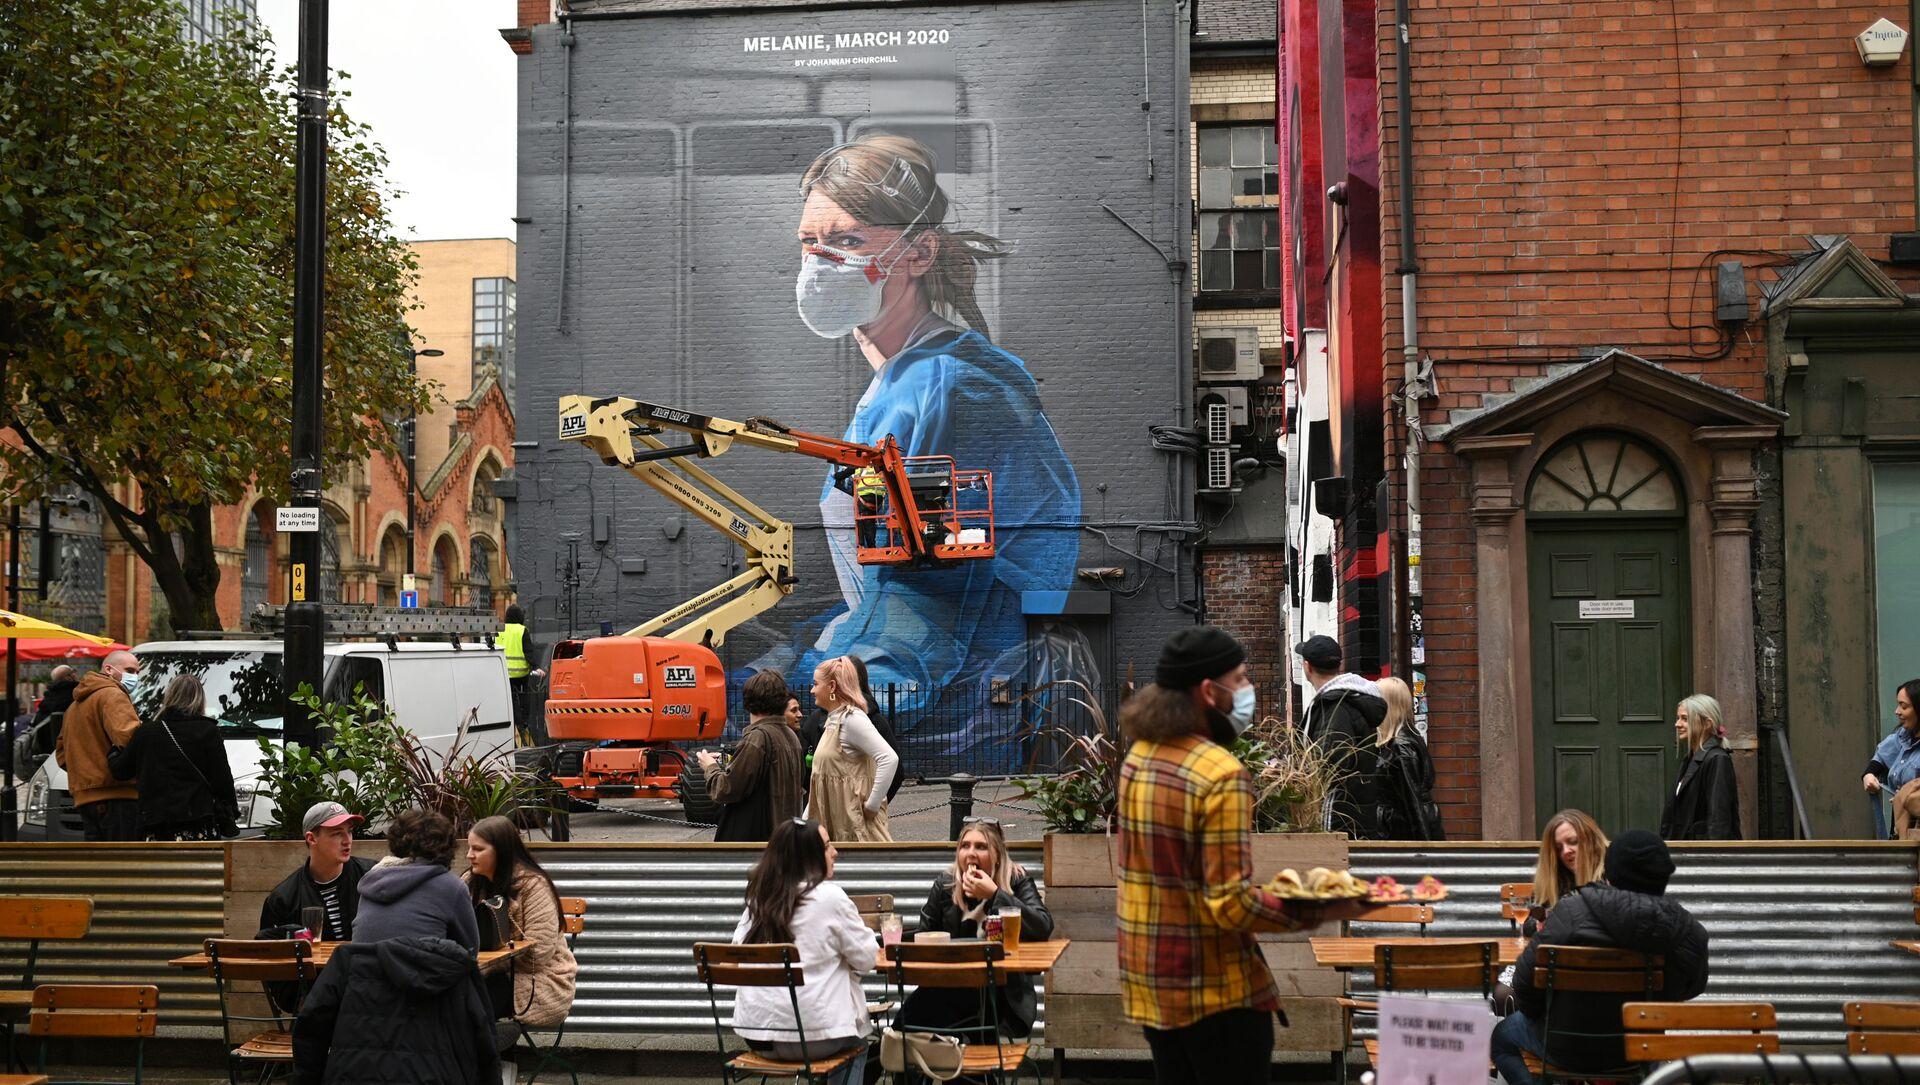 Ludzie przed ratownikiem zajmującym się graffiti w Manchesterze  - Sputnik Polska, 1920, 31.03.2021